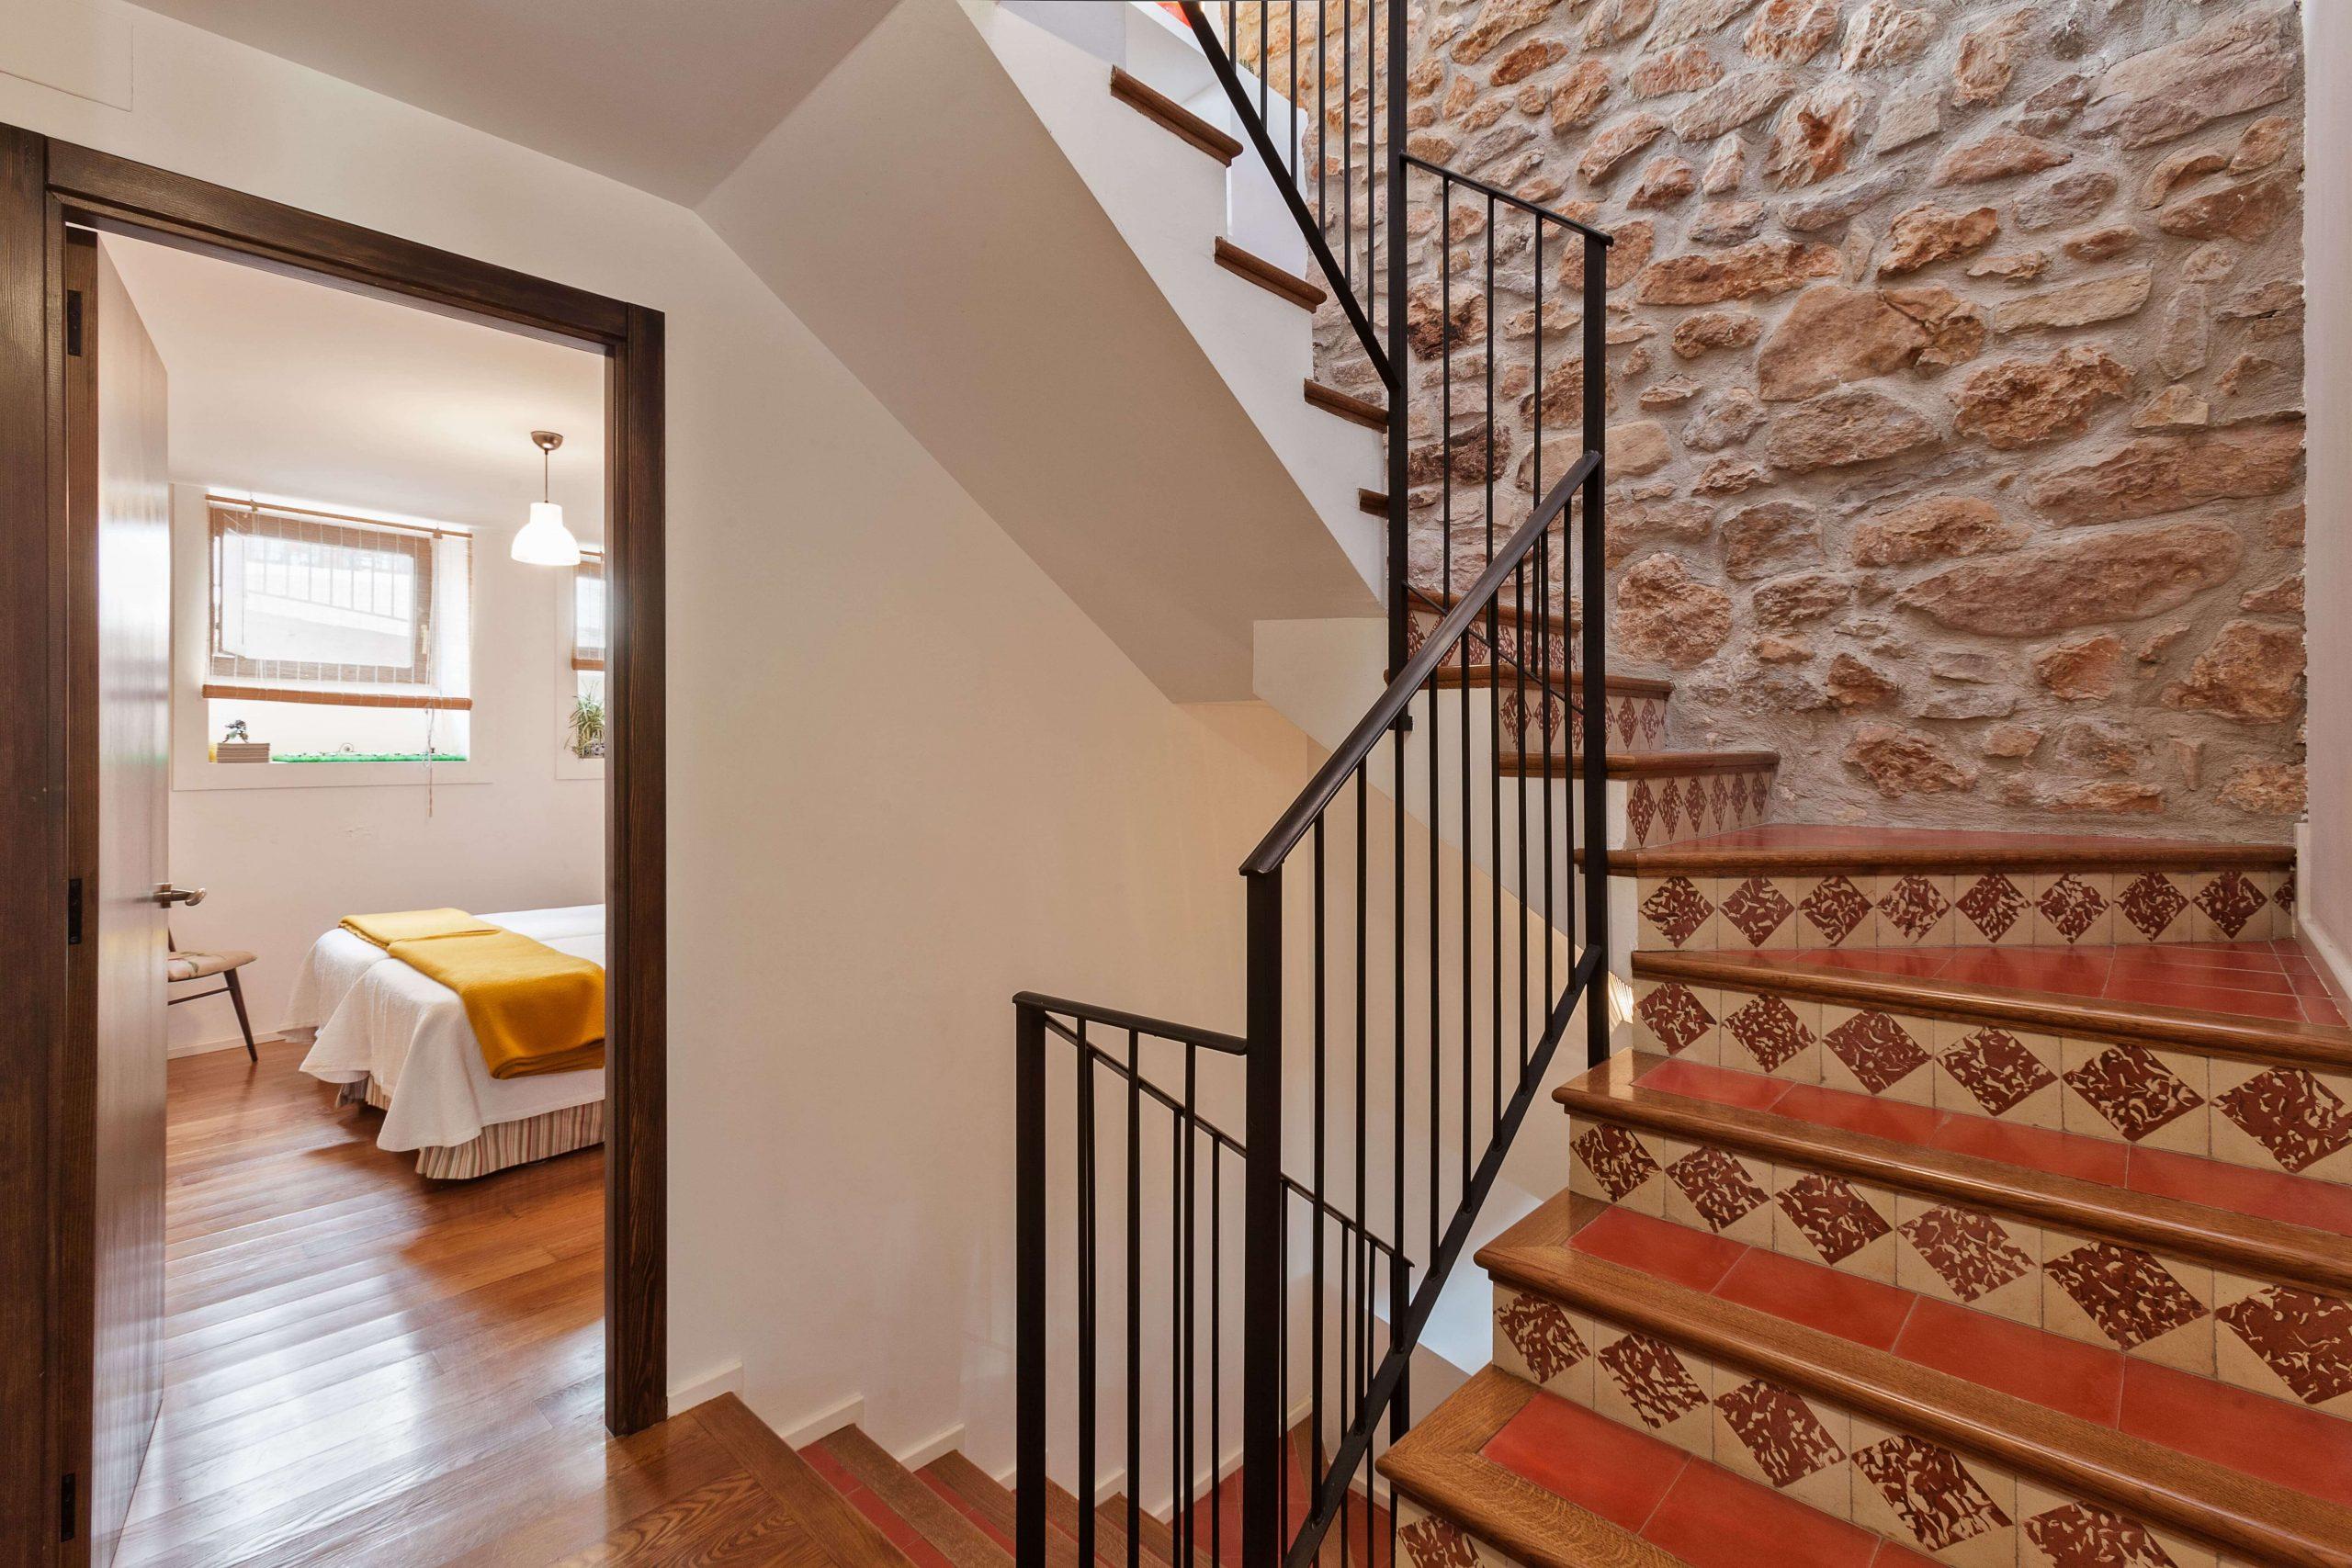 Habitación y escaleras